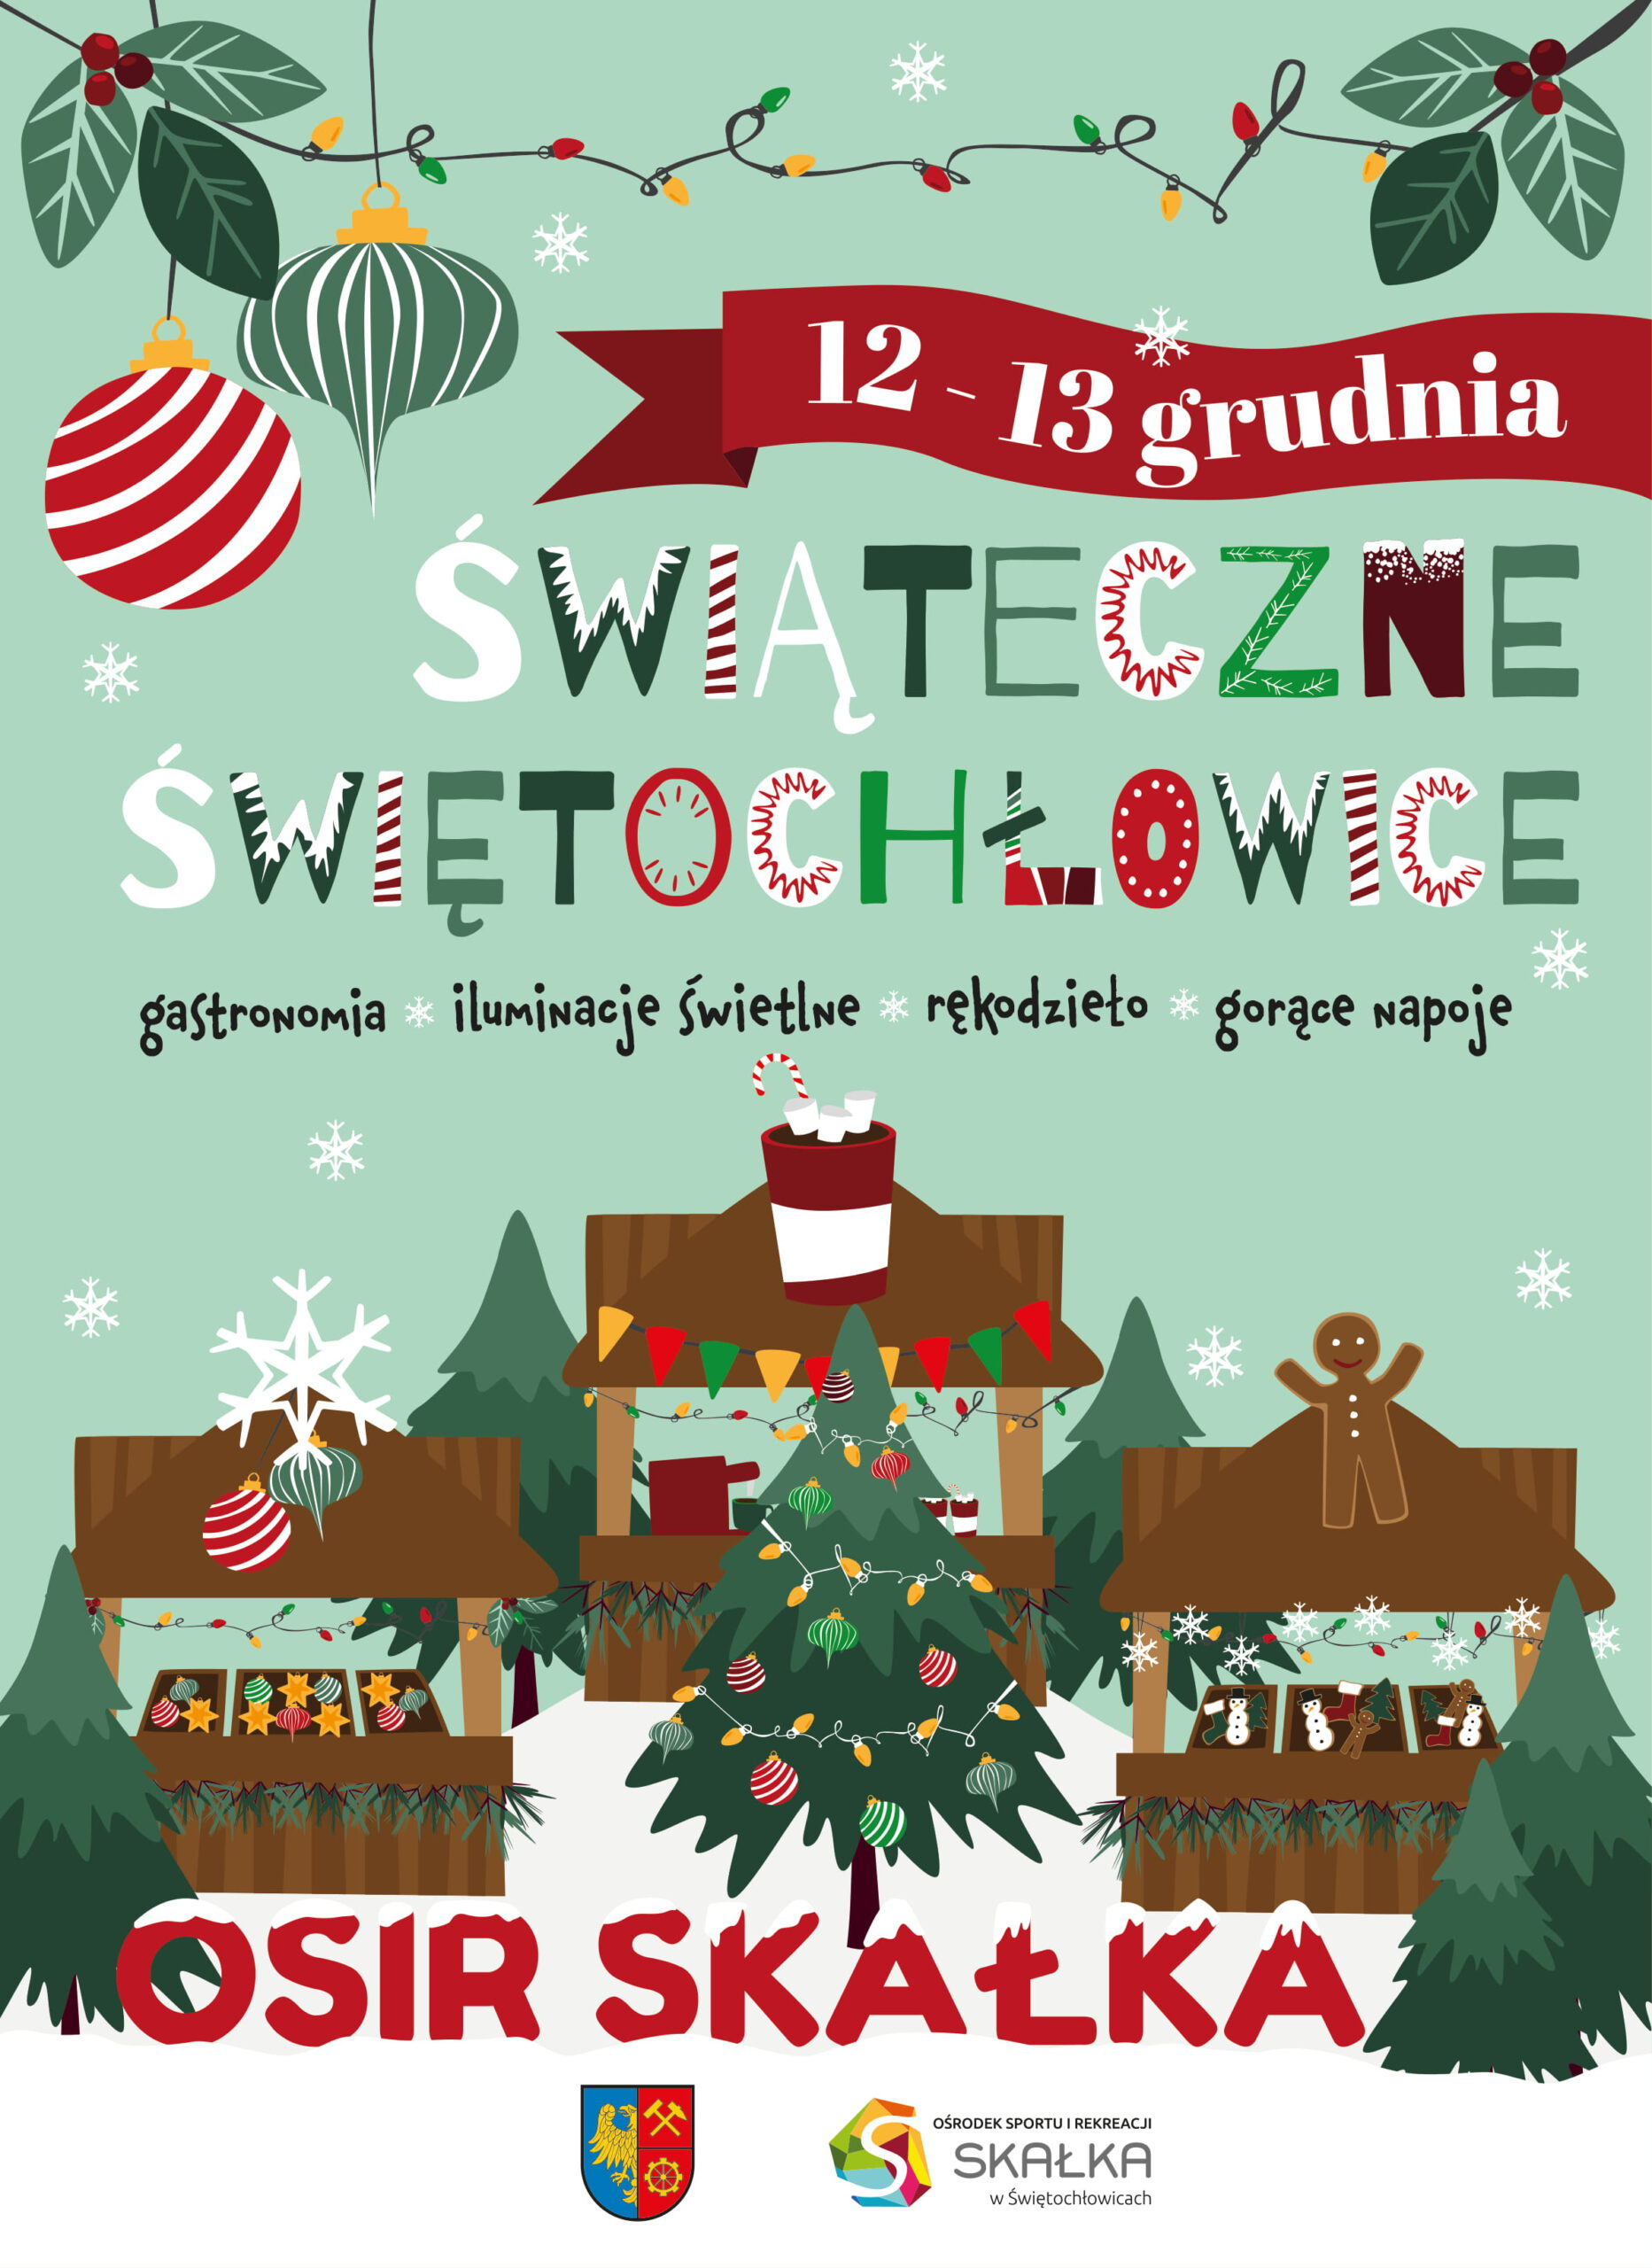 plakat spotkania świątecznego w mieście